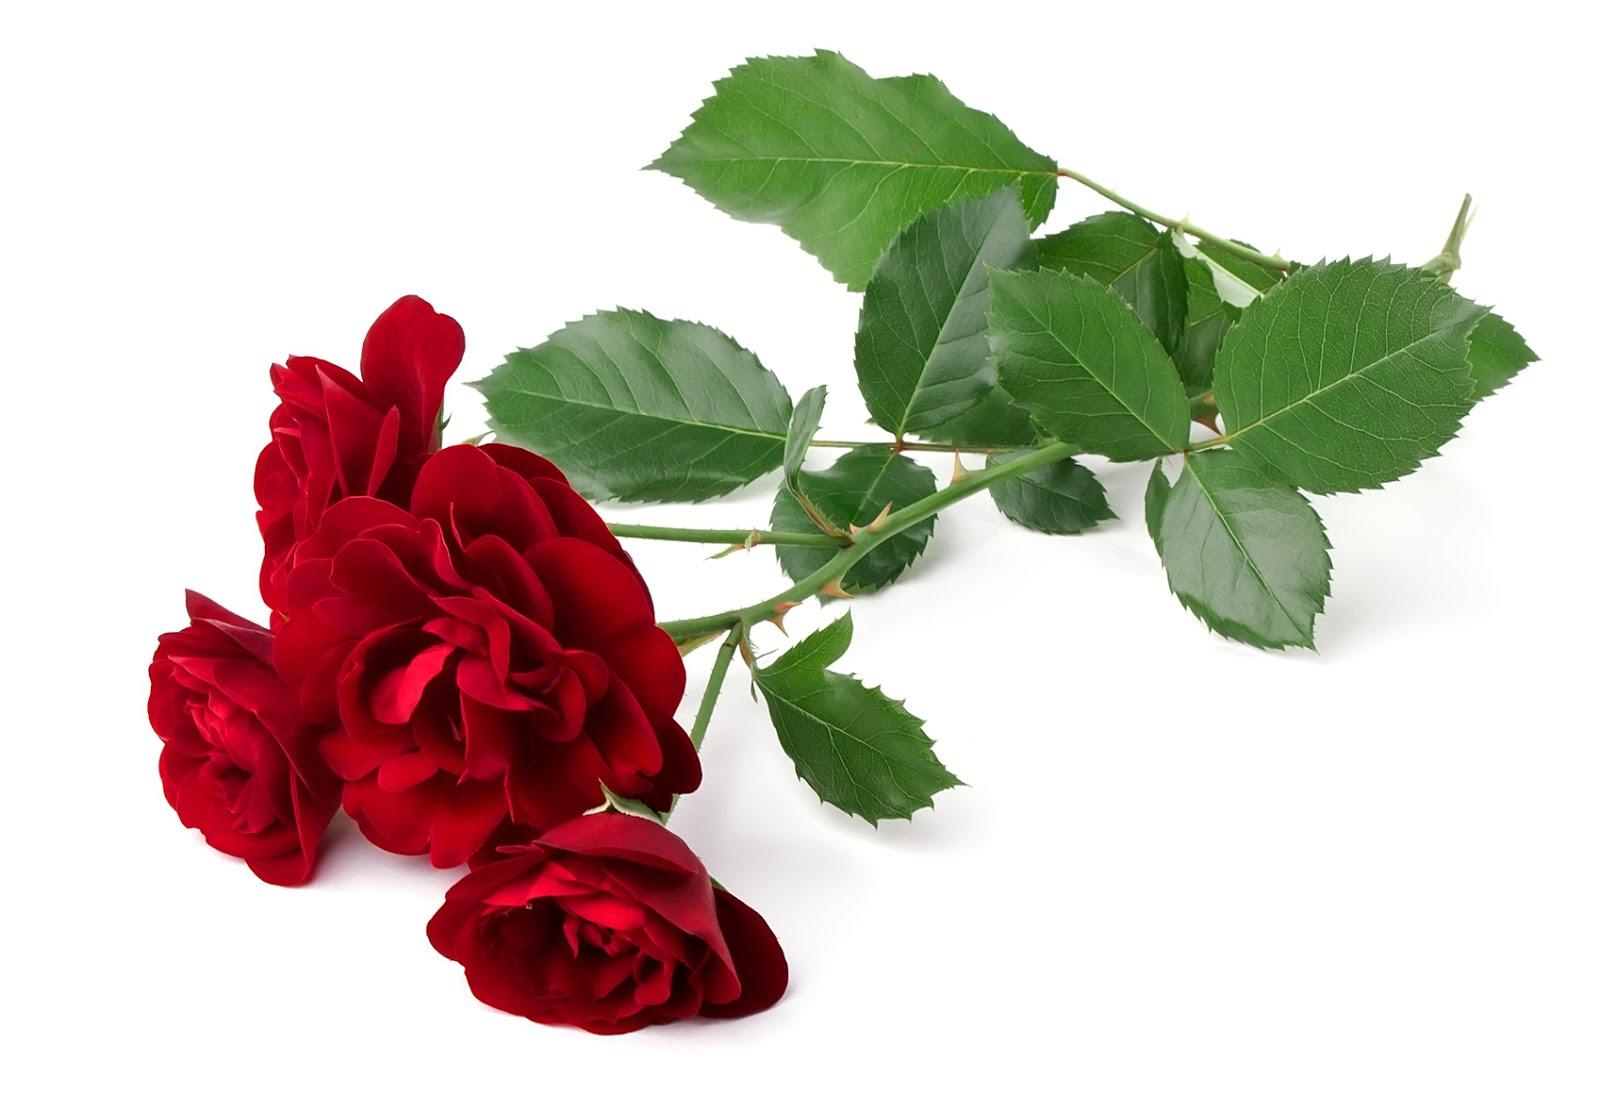 Descarga Imágenes de Rosas » Amor de Imagenes